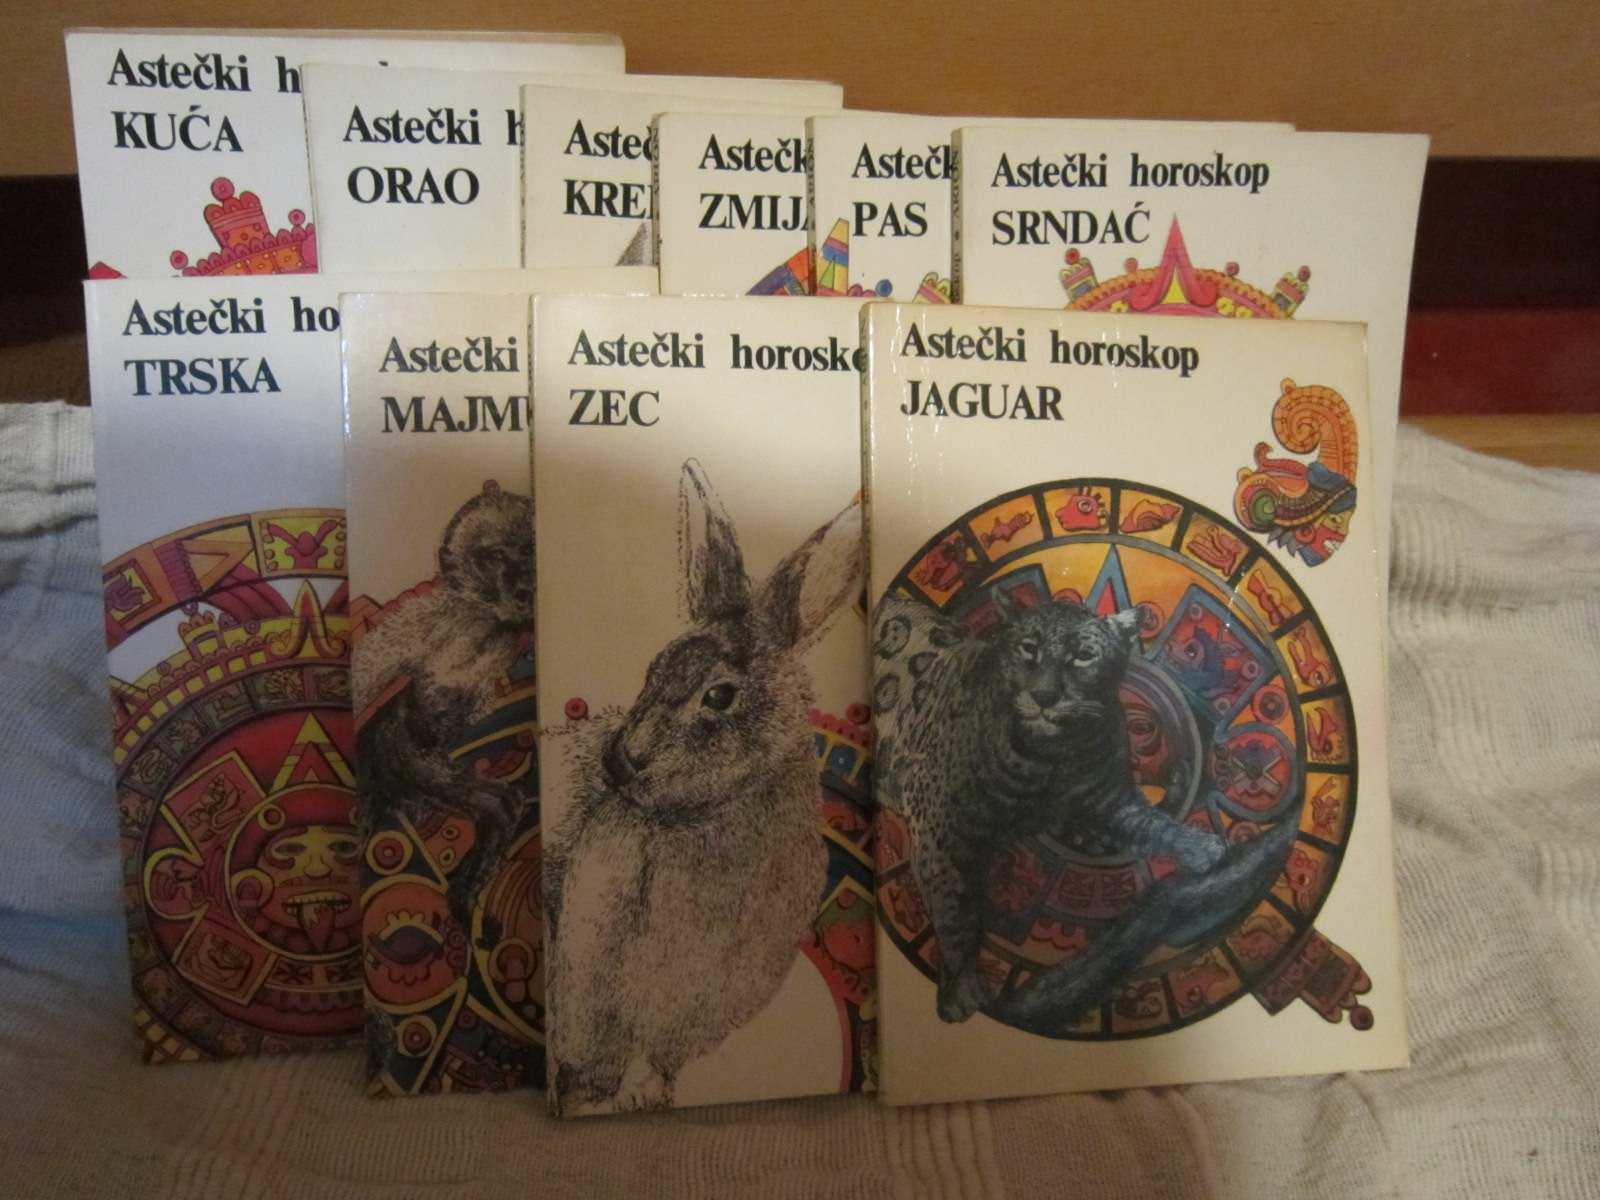 Astečki horoskop pomoću datuma vašeg rođenja čita sudbinu!